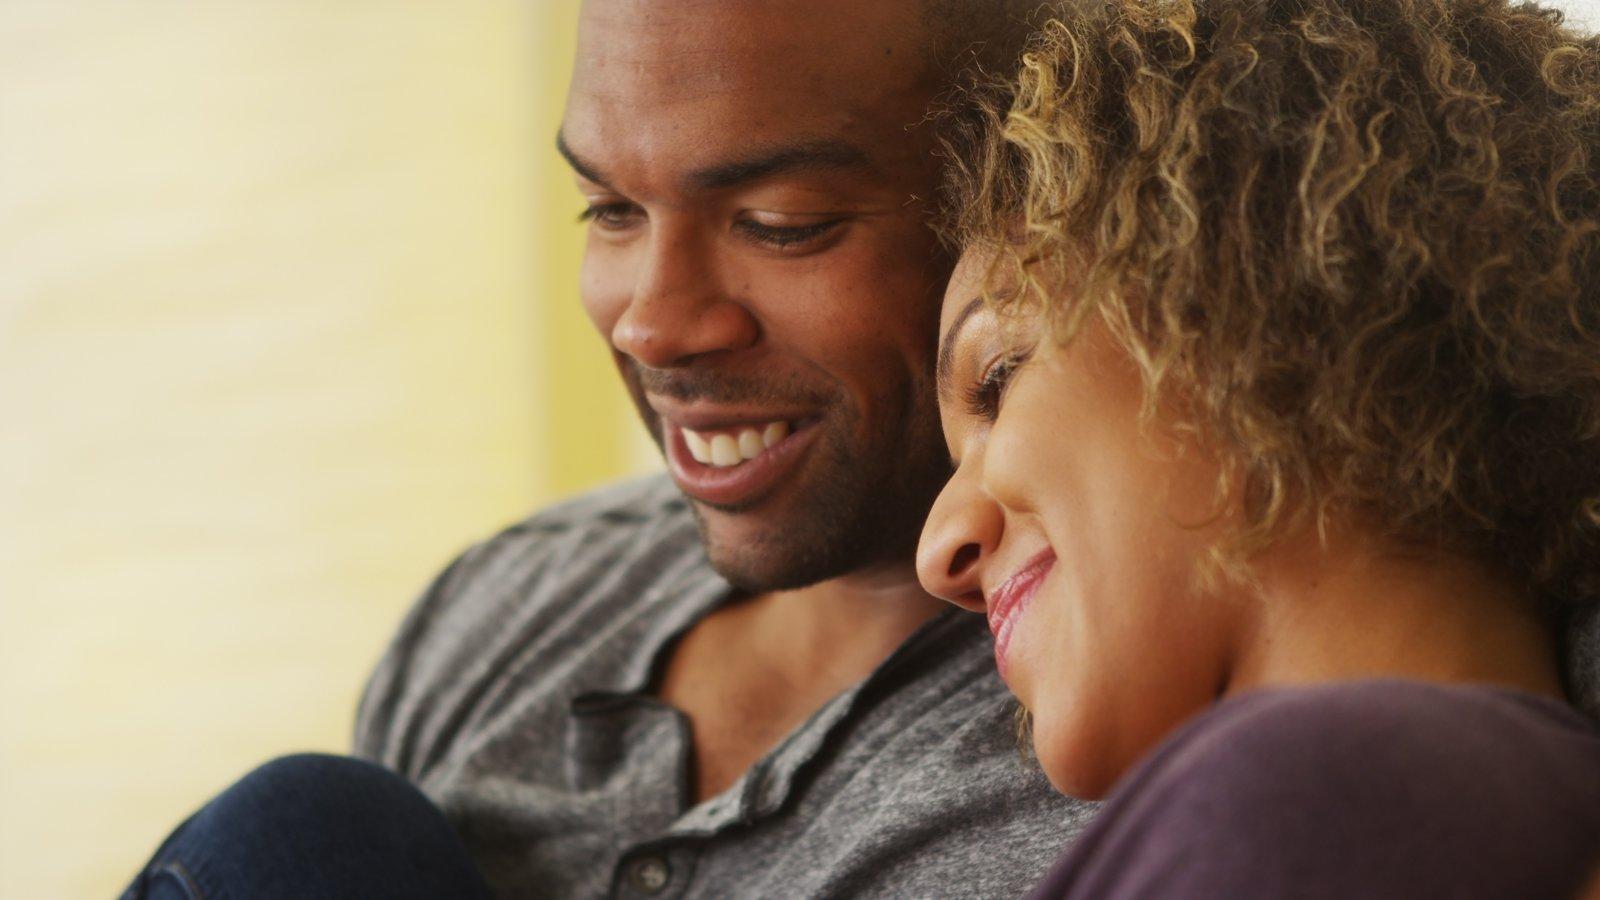 Formas de Generar Confianza en tu Relación